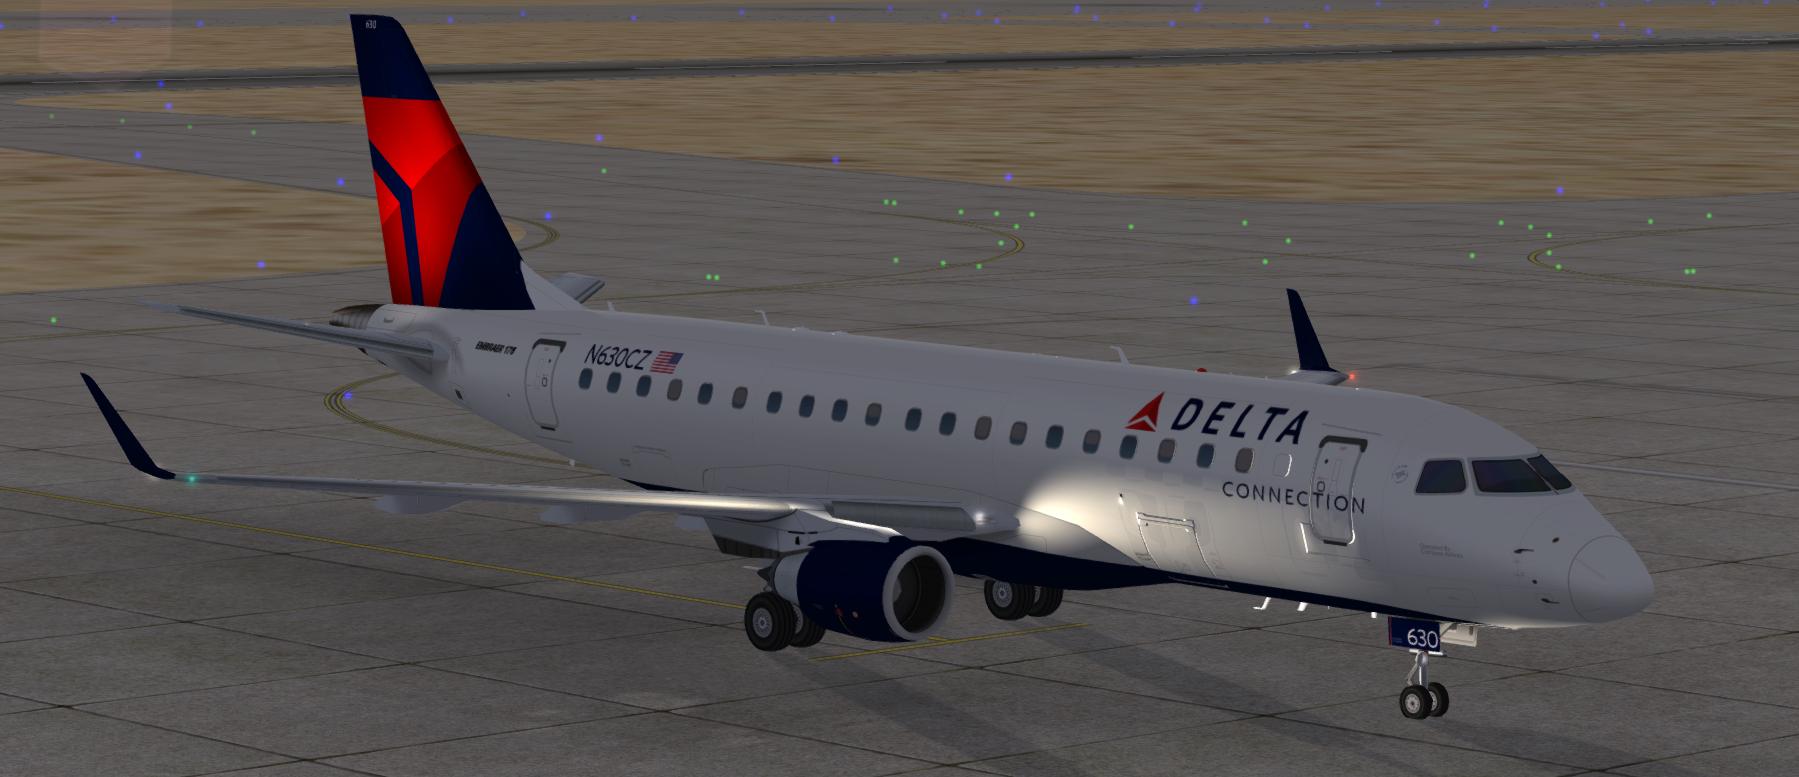 RFSL Embraer E-175 Update - The Flying Carpet Hub